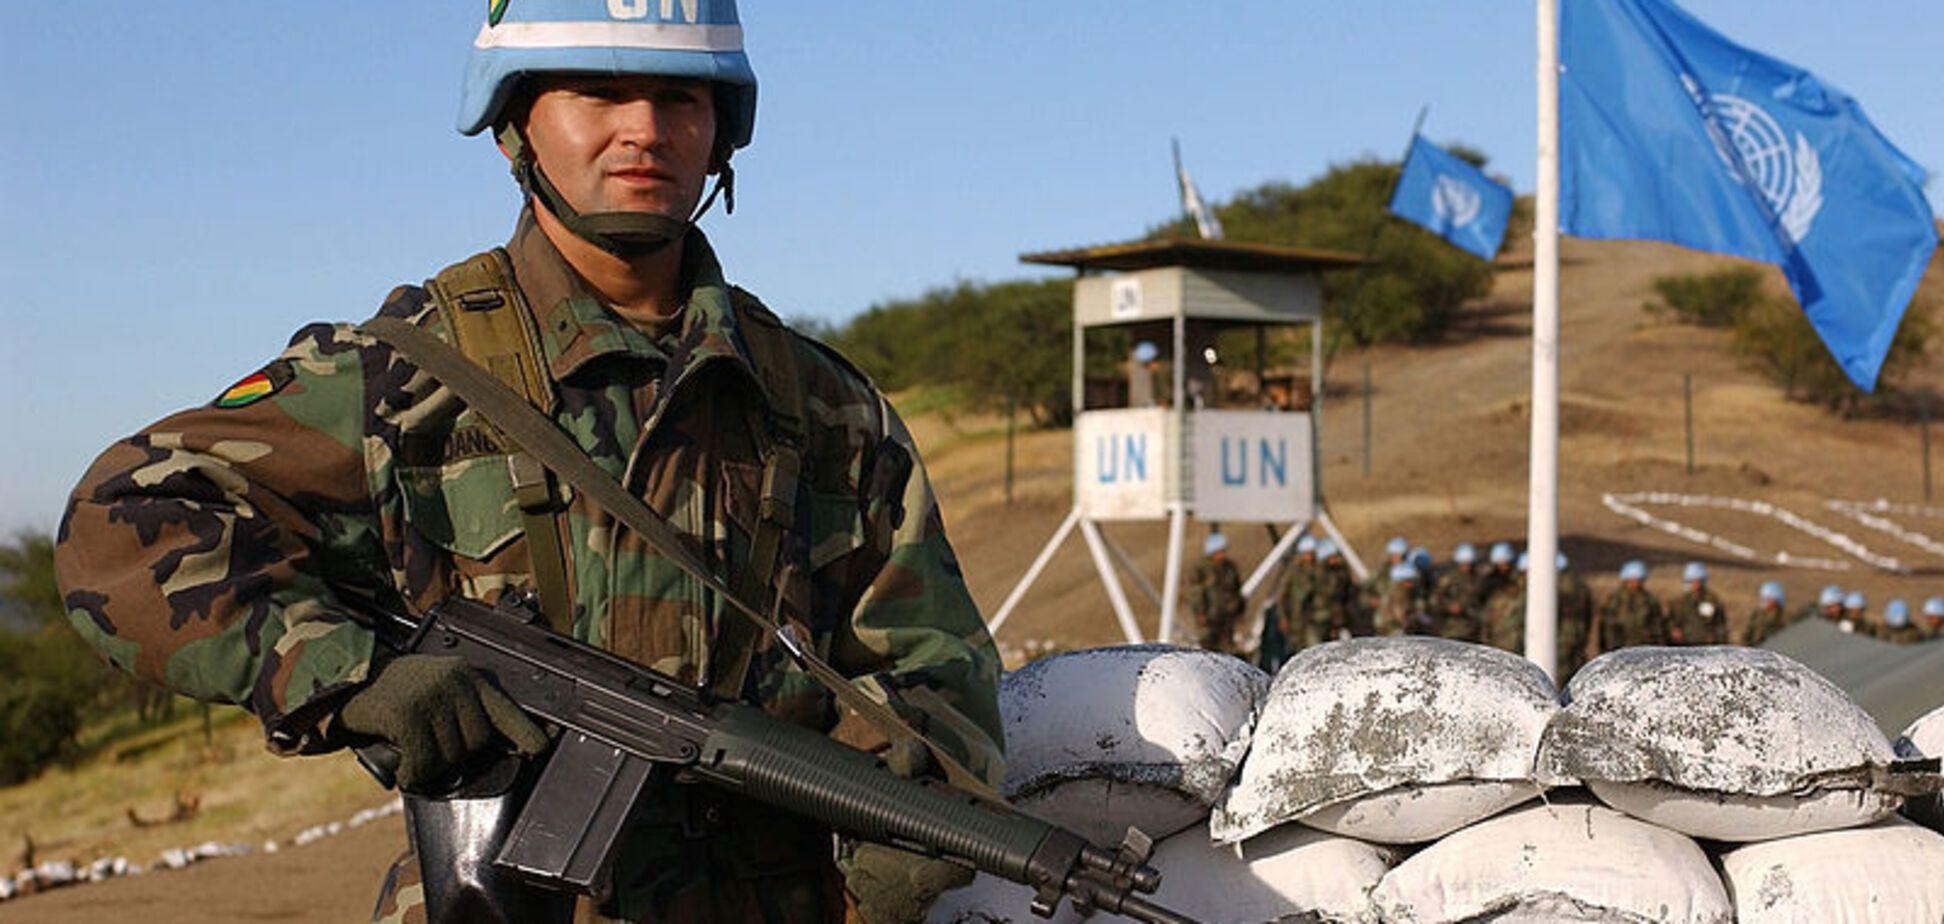 Білоруси-миротворці на Донбасі: генерал оцінив вигоду